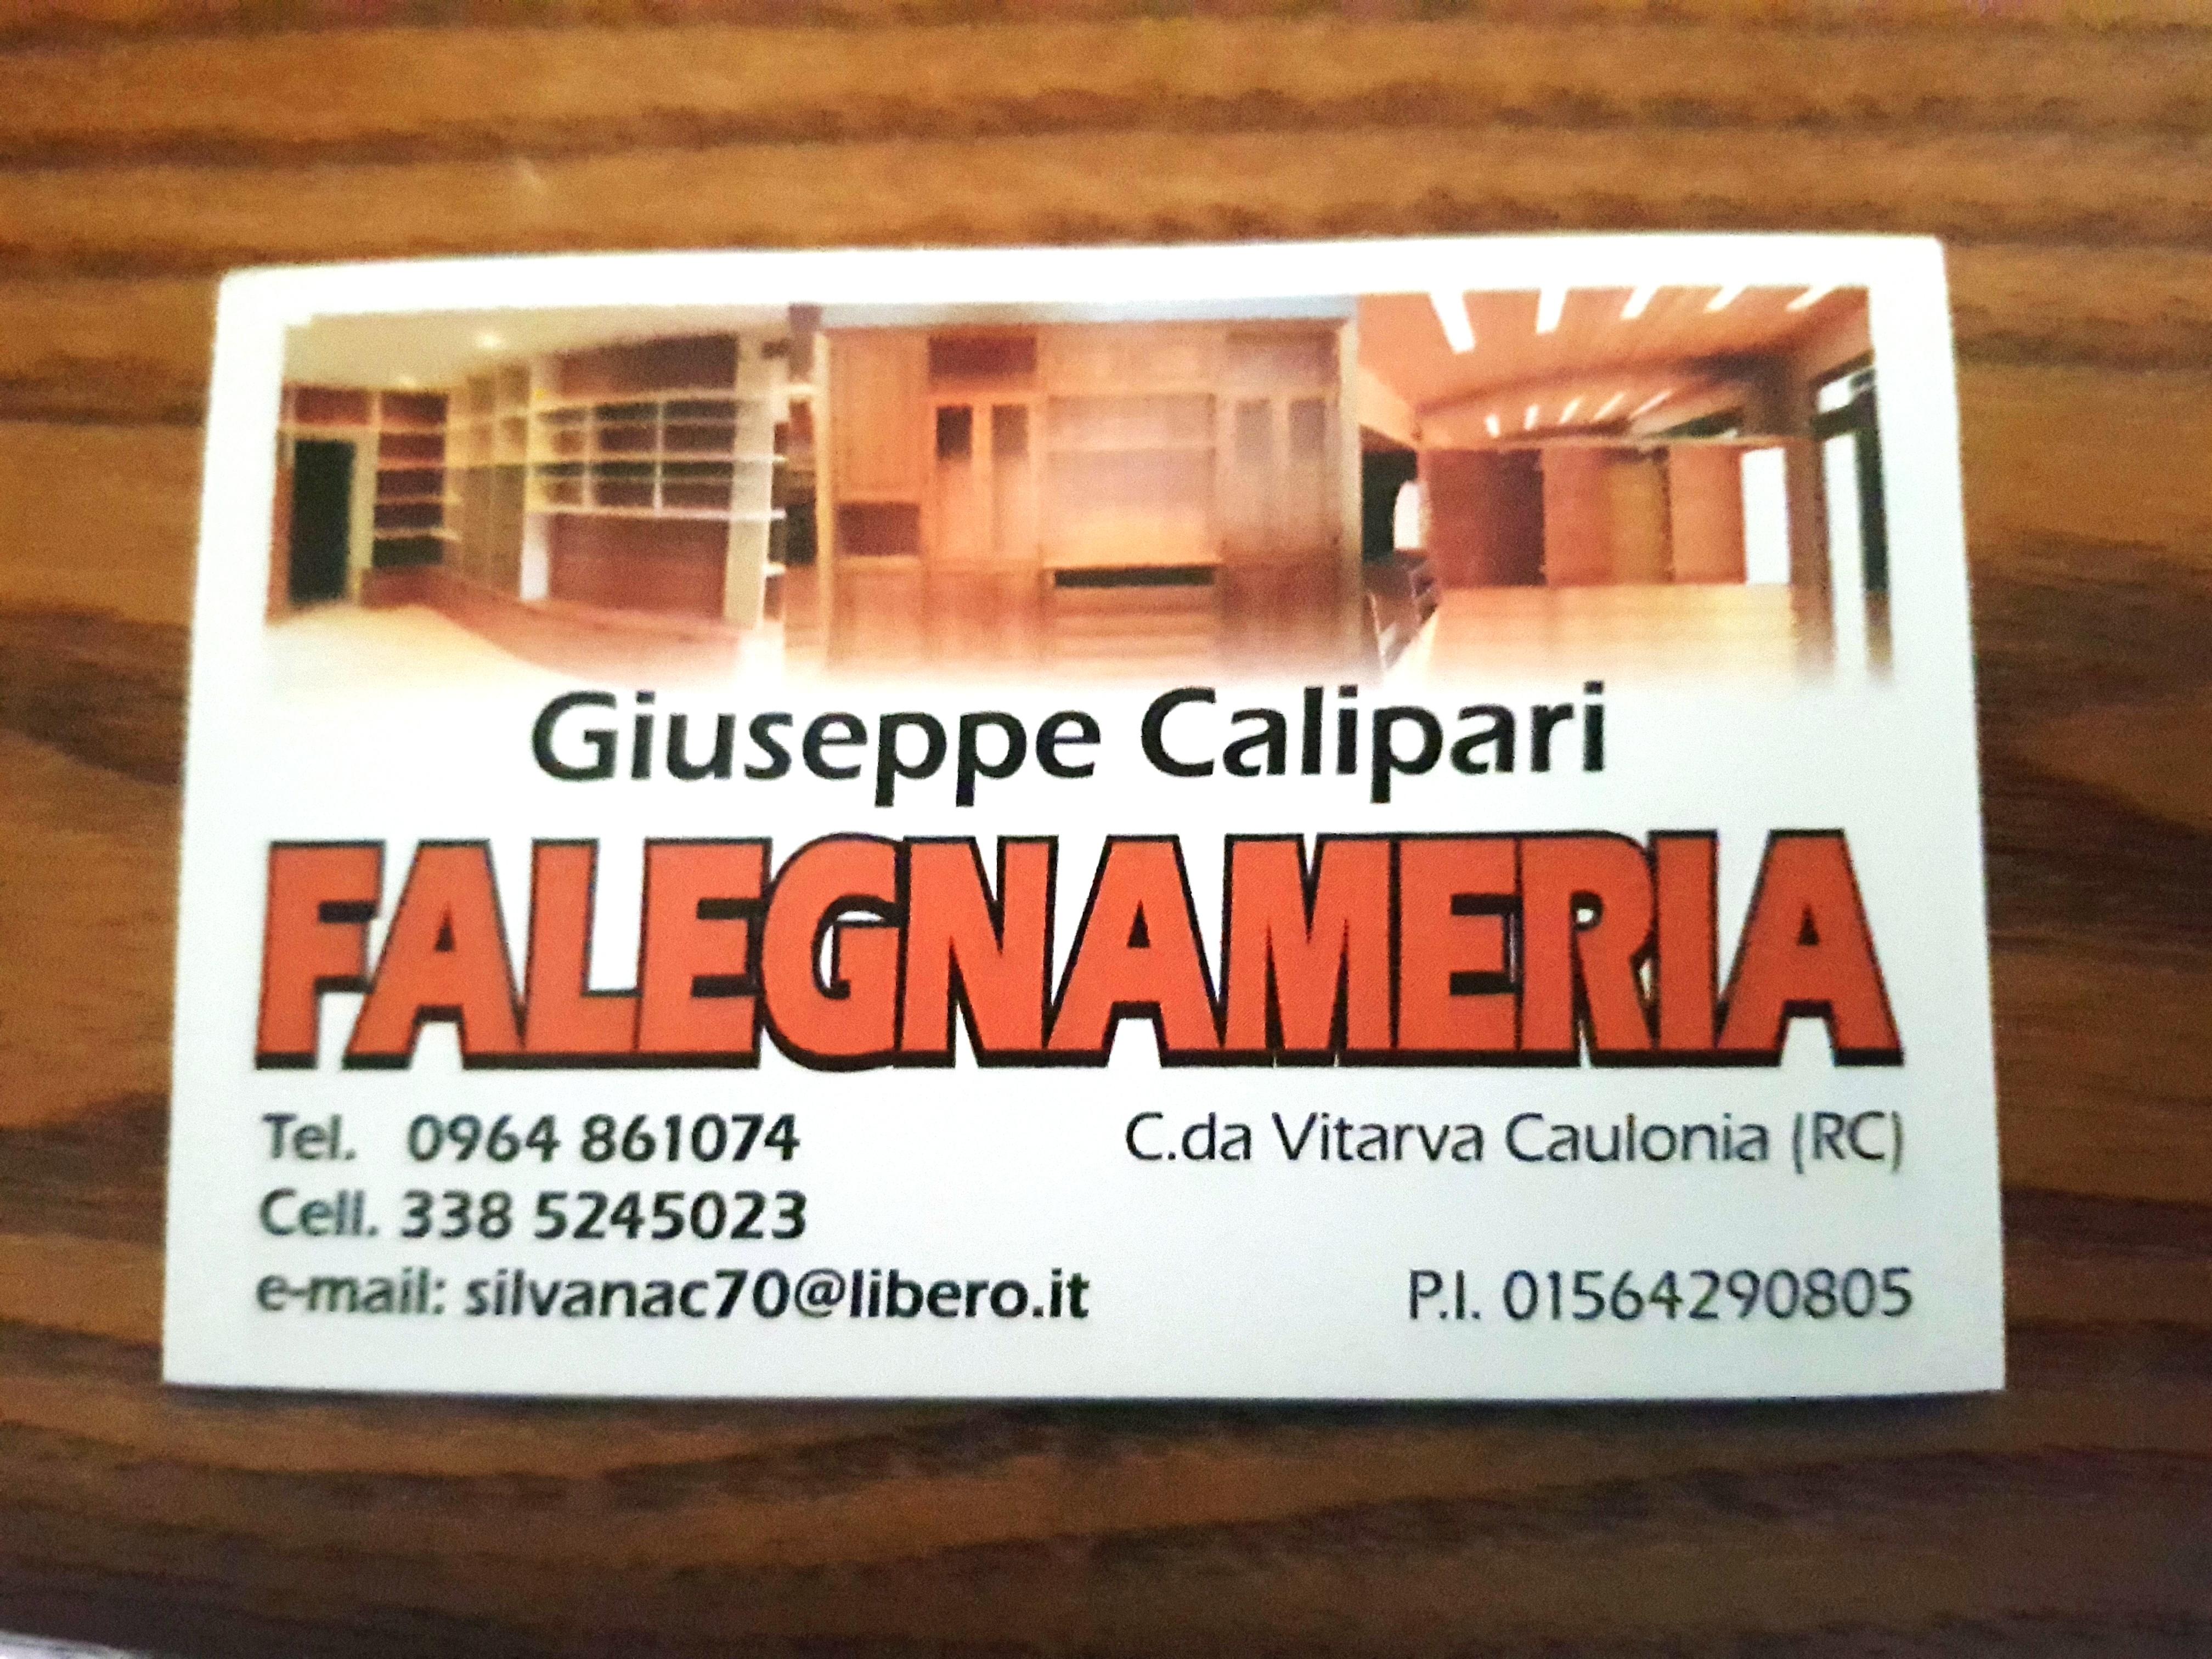 falegnameria Giuseppe Calipari